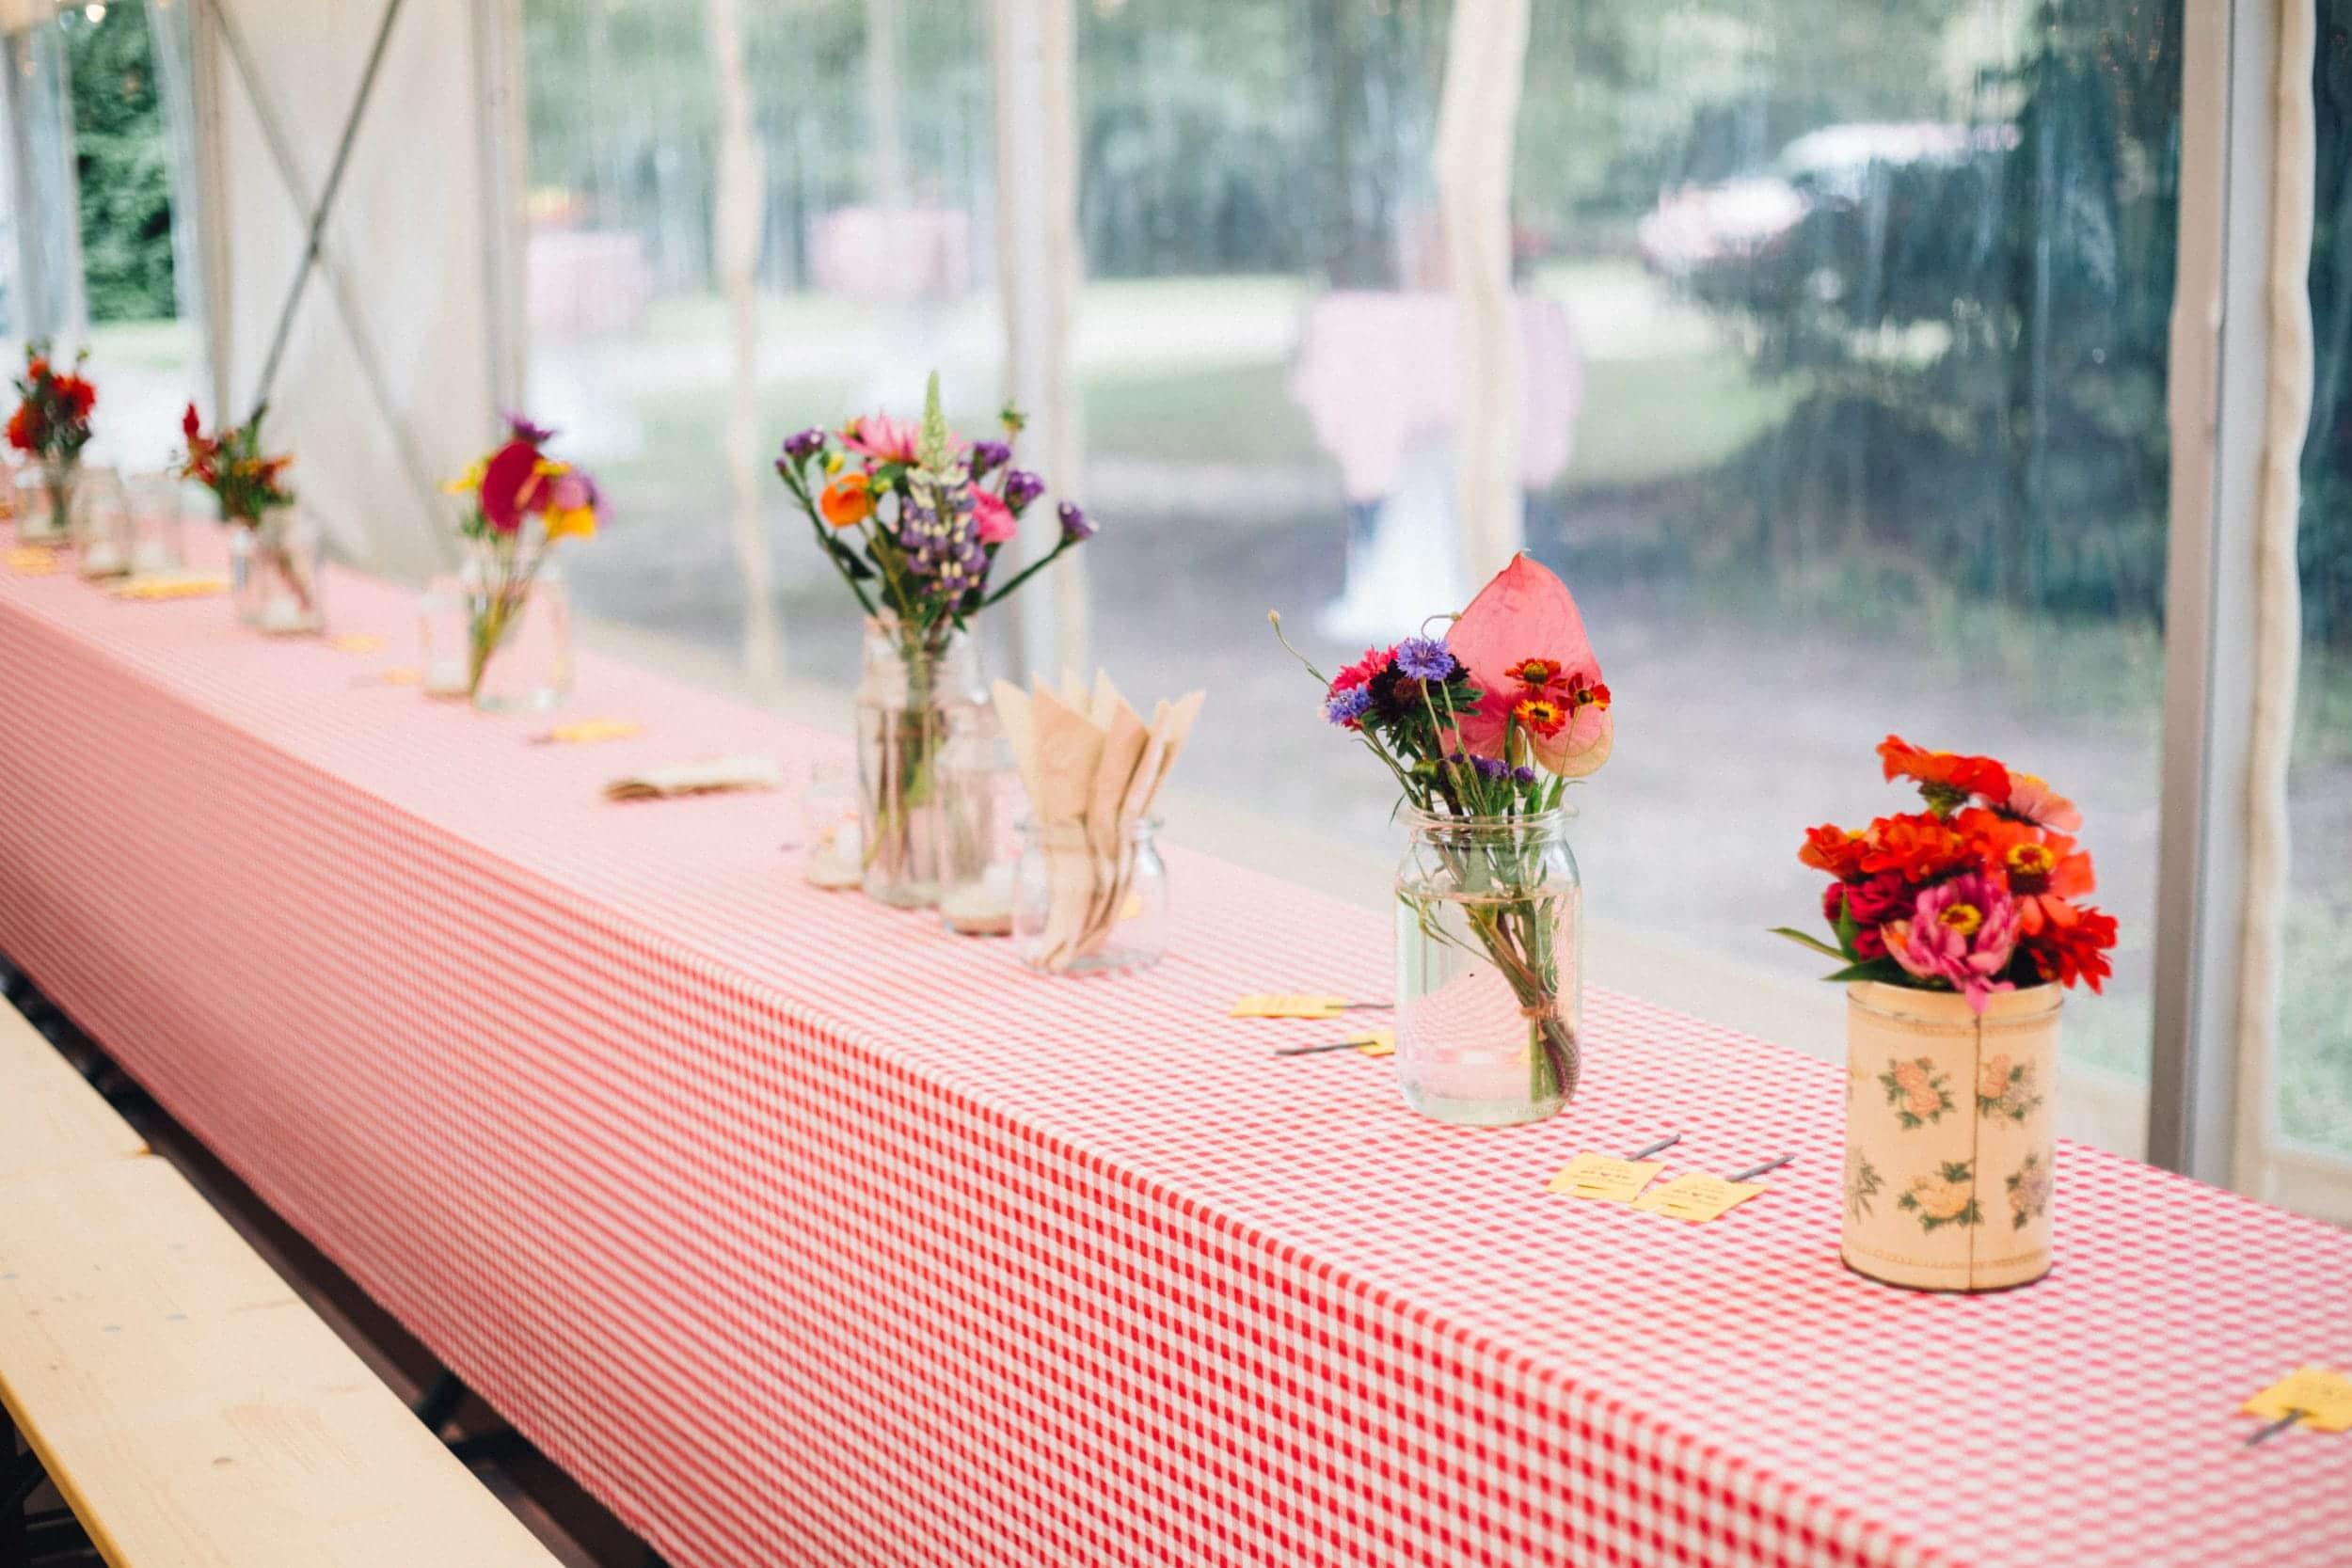 Tischdecke Loma | Mit ihrem rot-weißen Karo mit kleinen Herzchen im Quadrat macht diese hübsche Tischdecke einfach überall eine gute Figur. Legt man mehrere aneinander, lässt sich ein langer Tisch in eine fröhliche Tafel für die feiernde Freunden und Familie verwandeln. Viele einzelne, kleine Tische mit romantischen Karodecken schaffen eine harmonische Bistroatmosphäre. Zum Eindecken dazu perfekt: unser vintage Geschirr, das Silberbesteck Antonia und die Gläser Patricia. Alle Serien sind mismatched und schaffen zusammen eine einmalige Dekoration im wahrsten Sinne des Wortes. Tischdecke pro Meter, nicht B1 zertifiziert. Ohne Reinigungskosten. | gotvintage Rental & Event Design